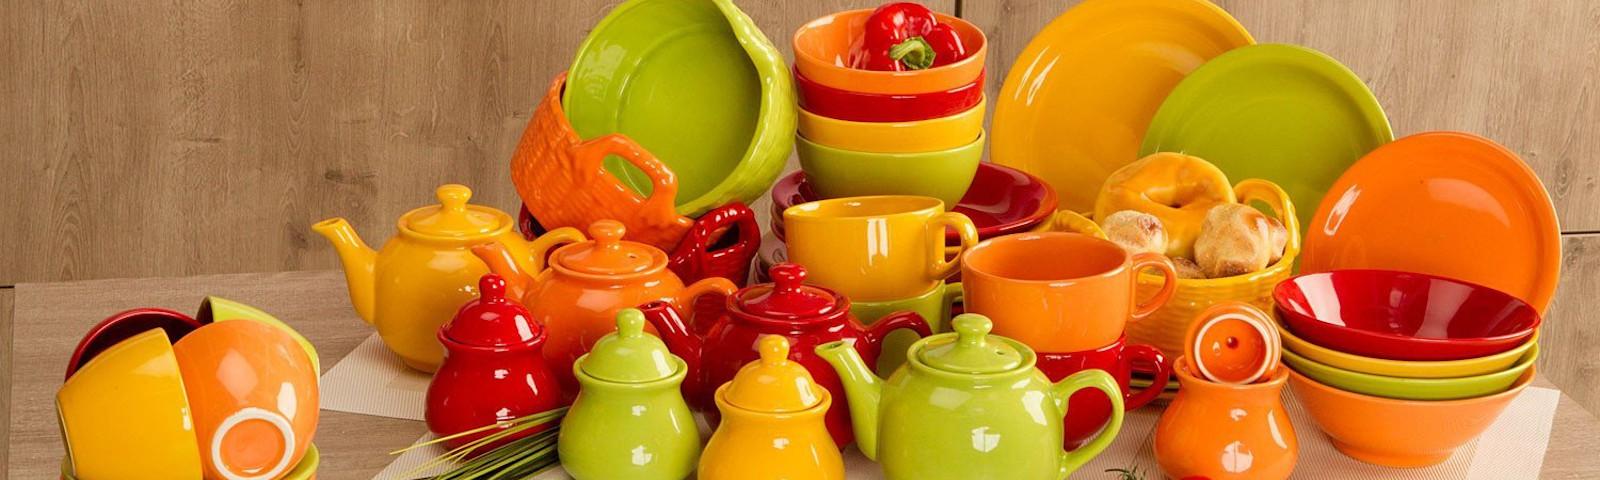 керамическая посуда фото